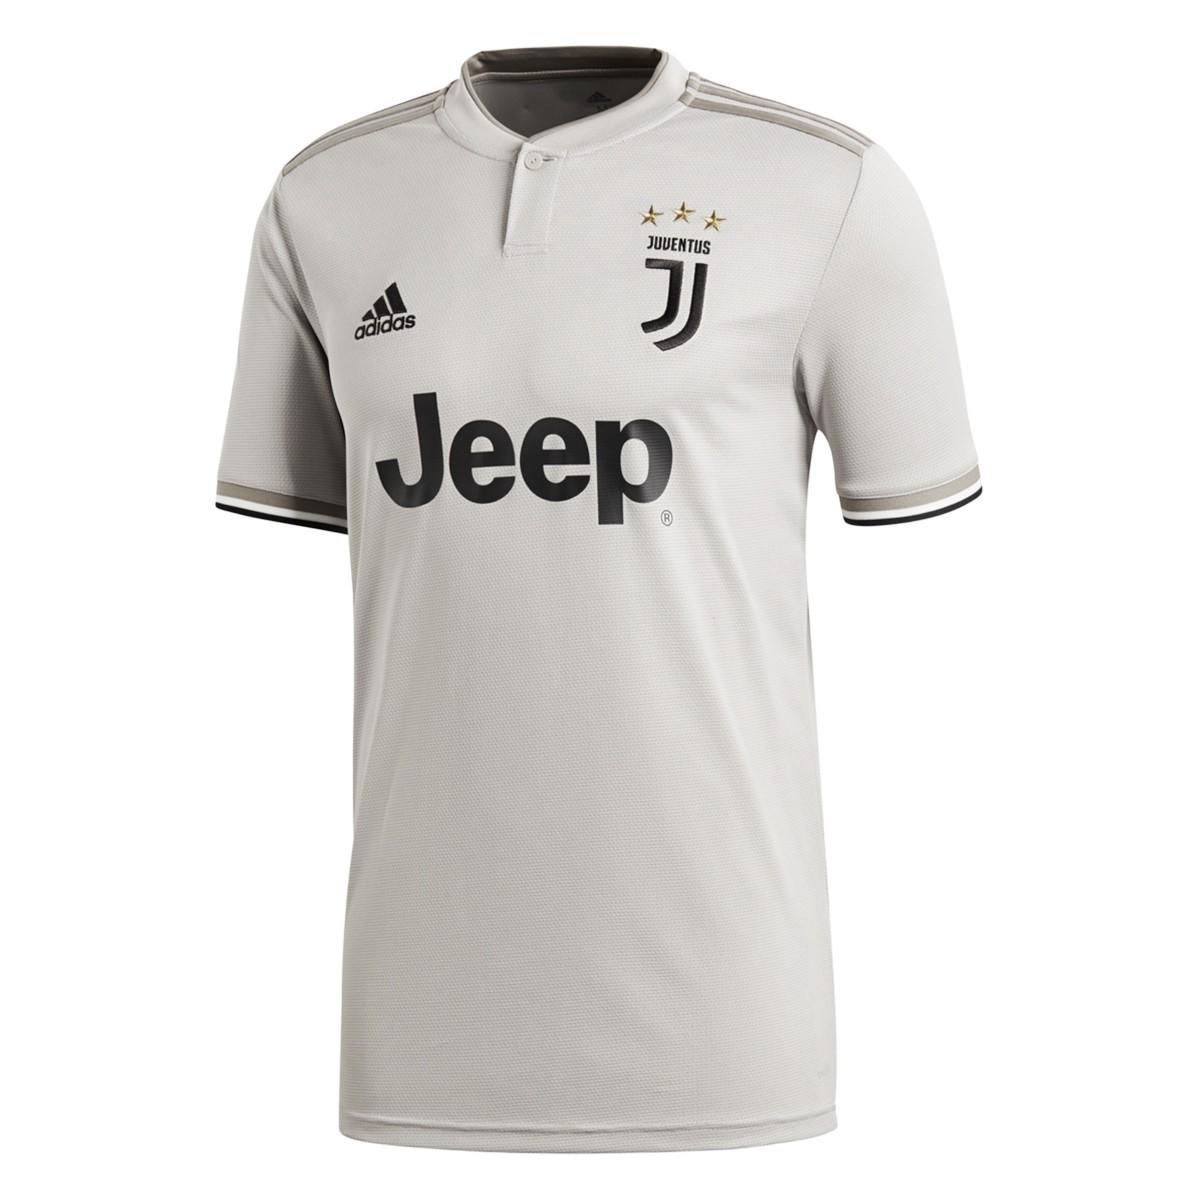 Camisola adidas Juventus Equipamento Secundário 2018 2019